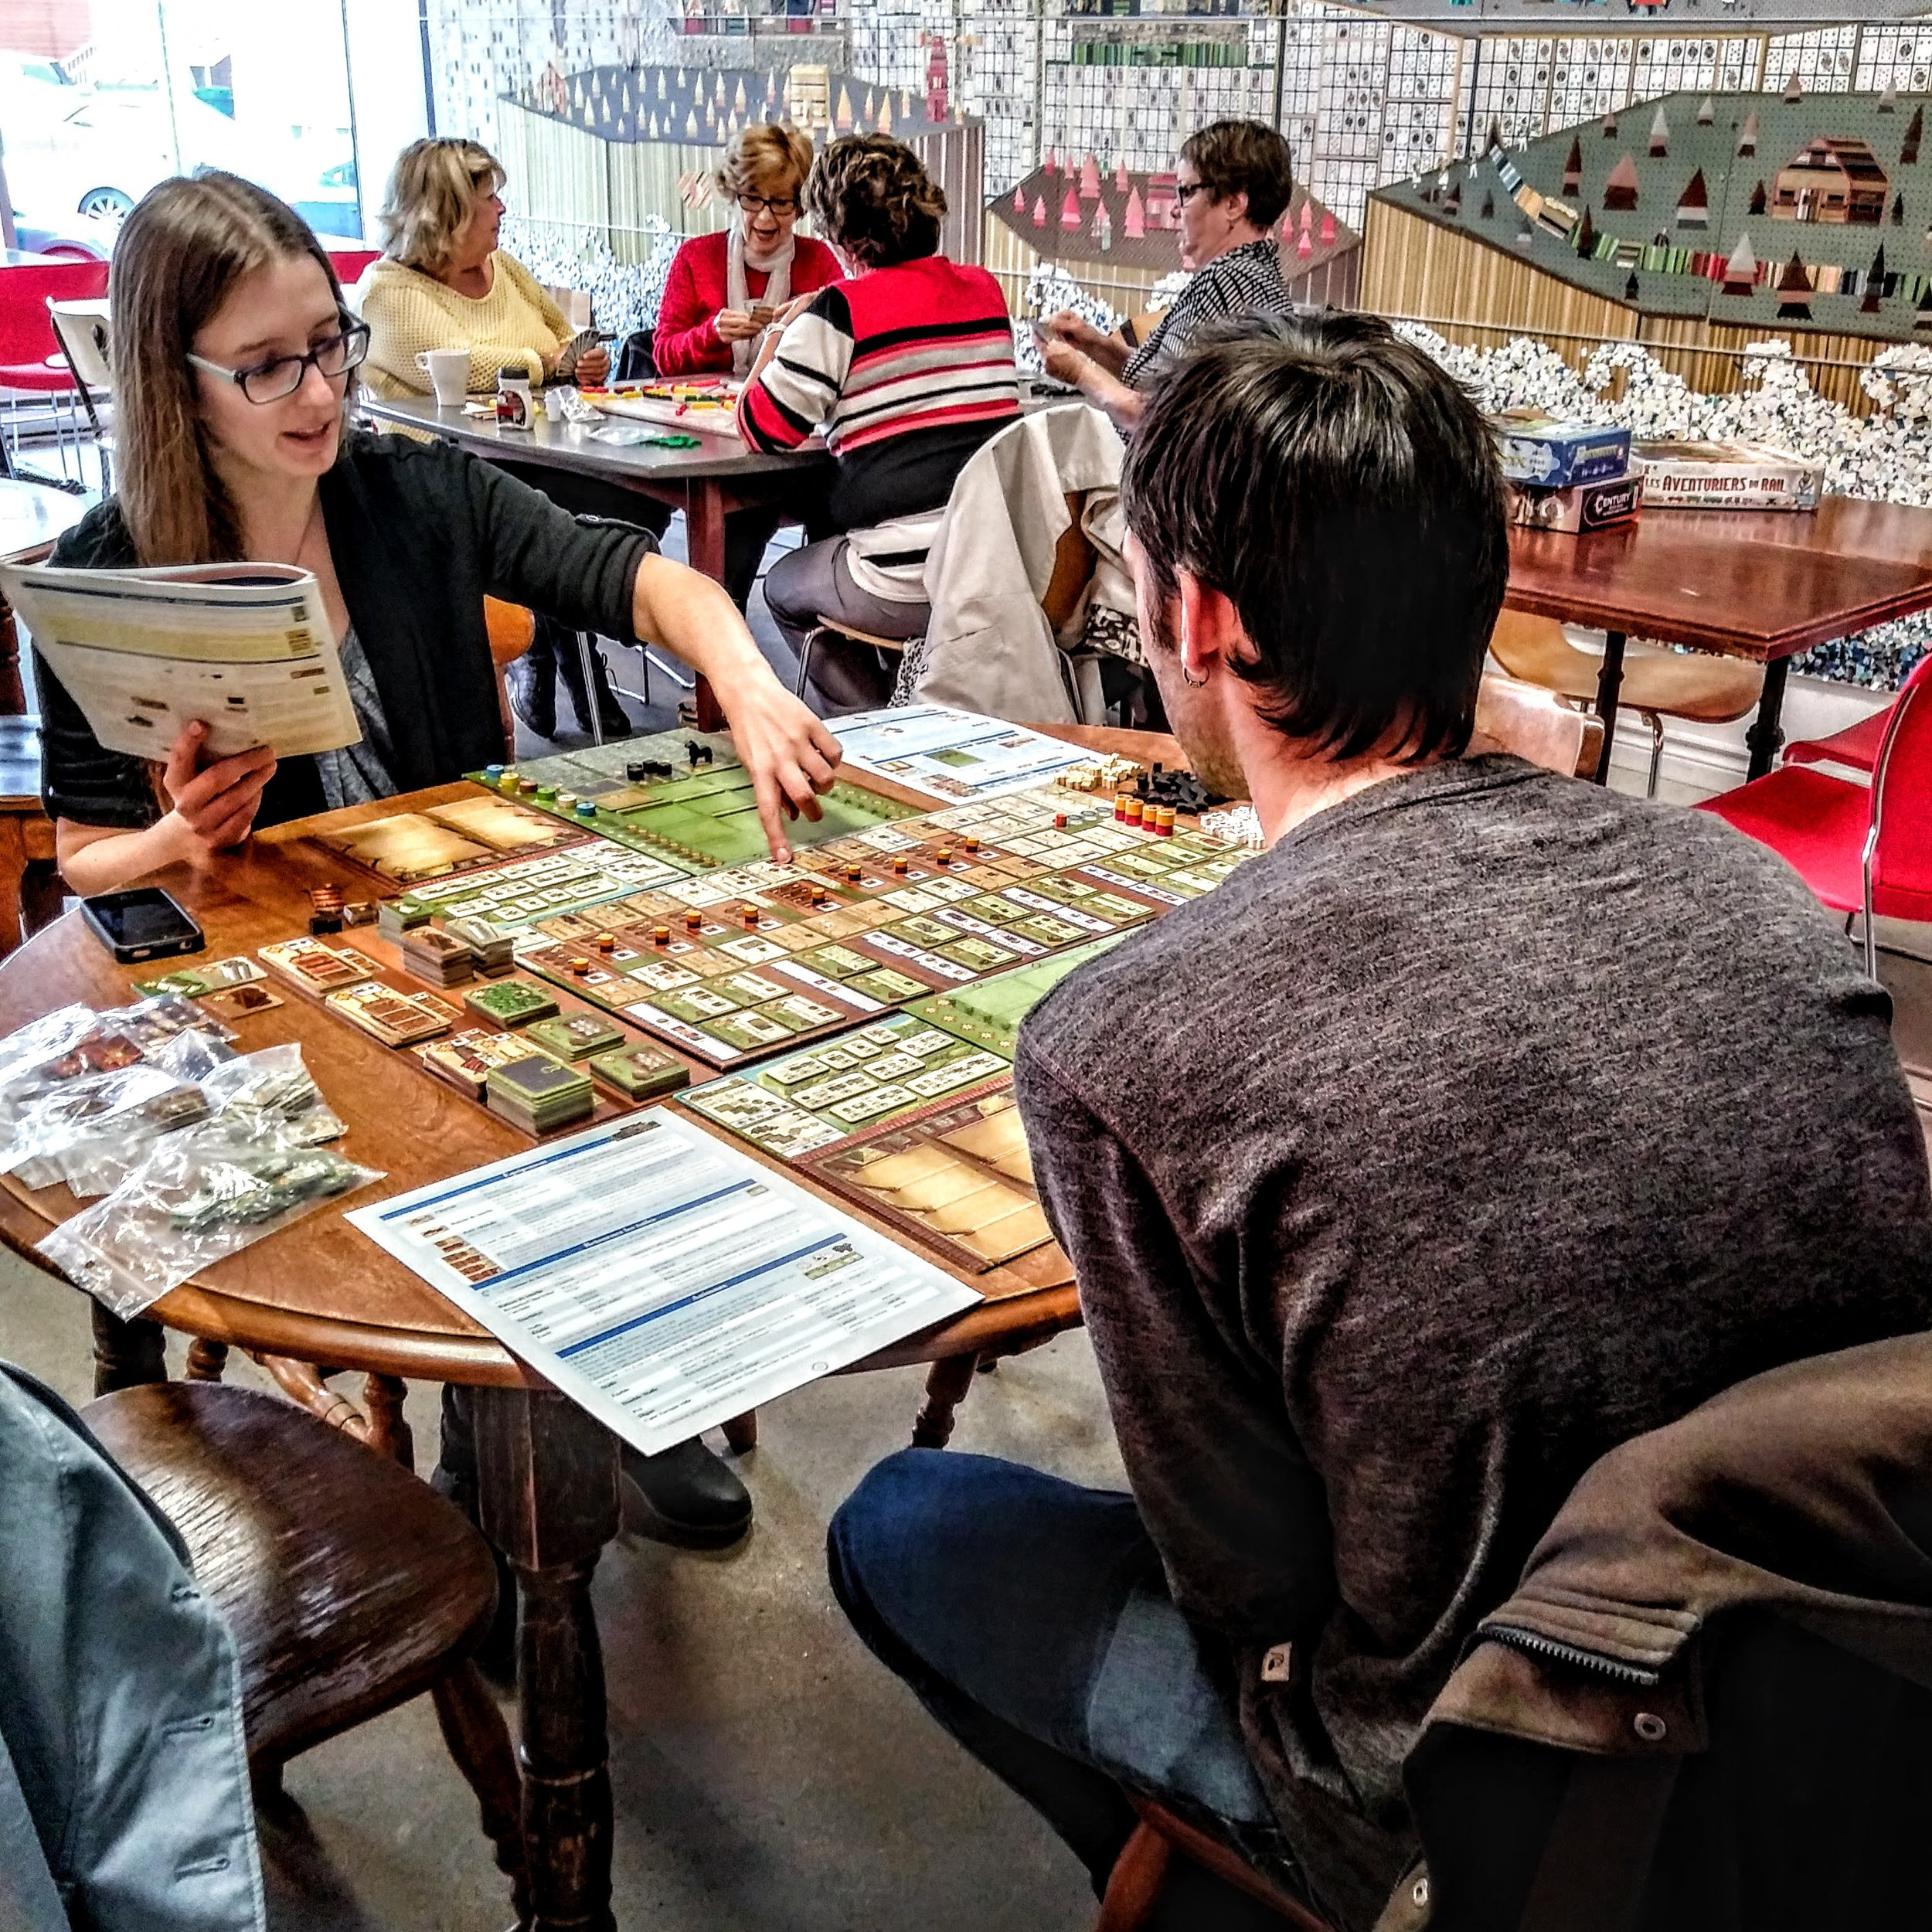 Café LUDIQUE - Manger, boire et jouer dans un même endroit! Des jeux pour tous les goûts, tous les âges et tous les styles de joueurs.